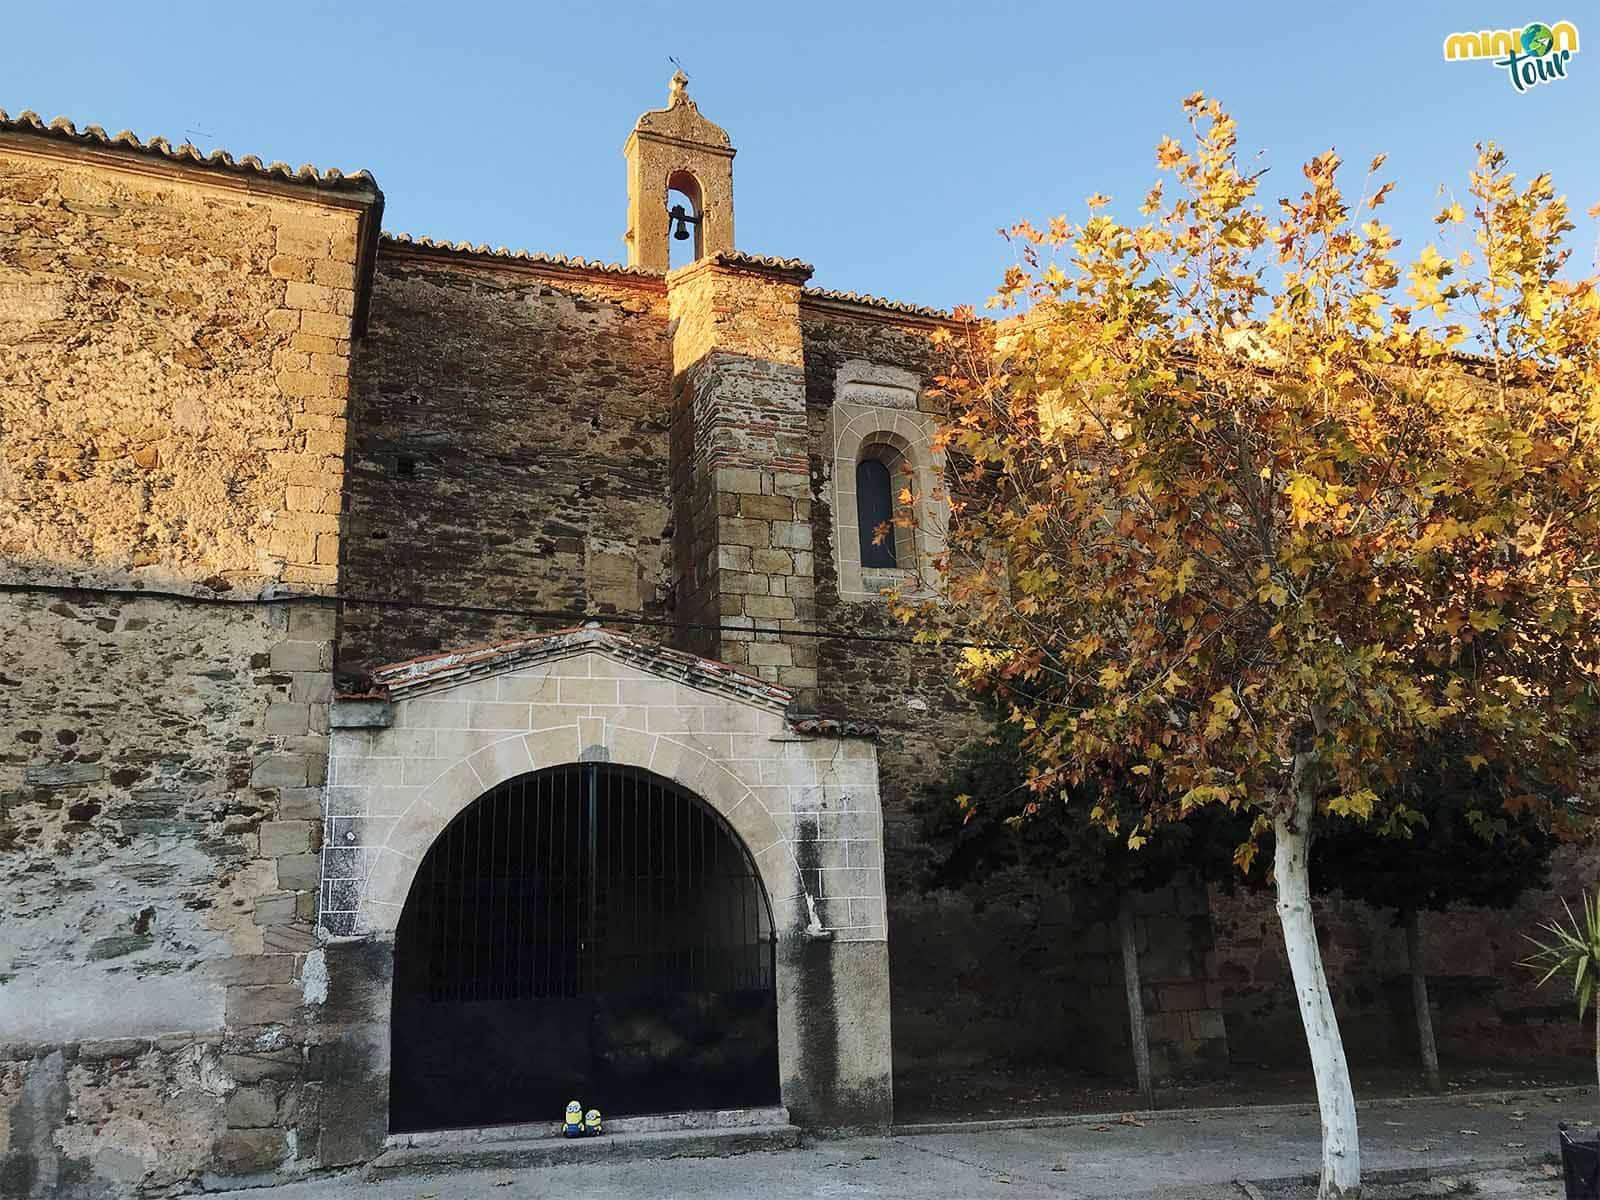 La Iglesia de Santa Catalina